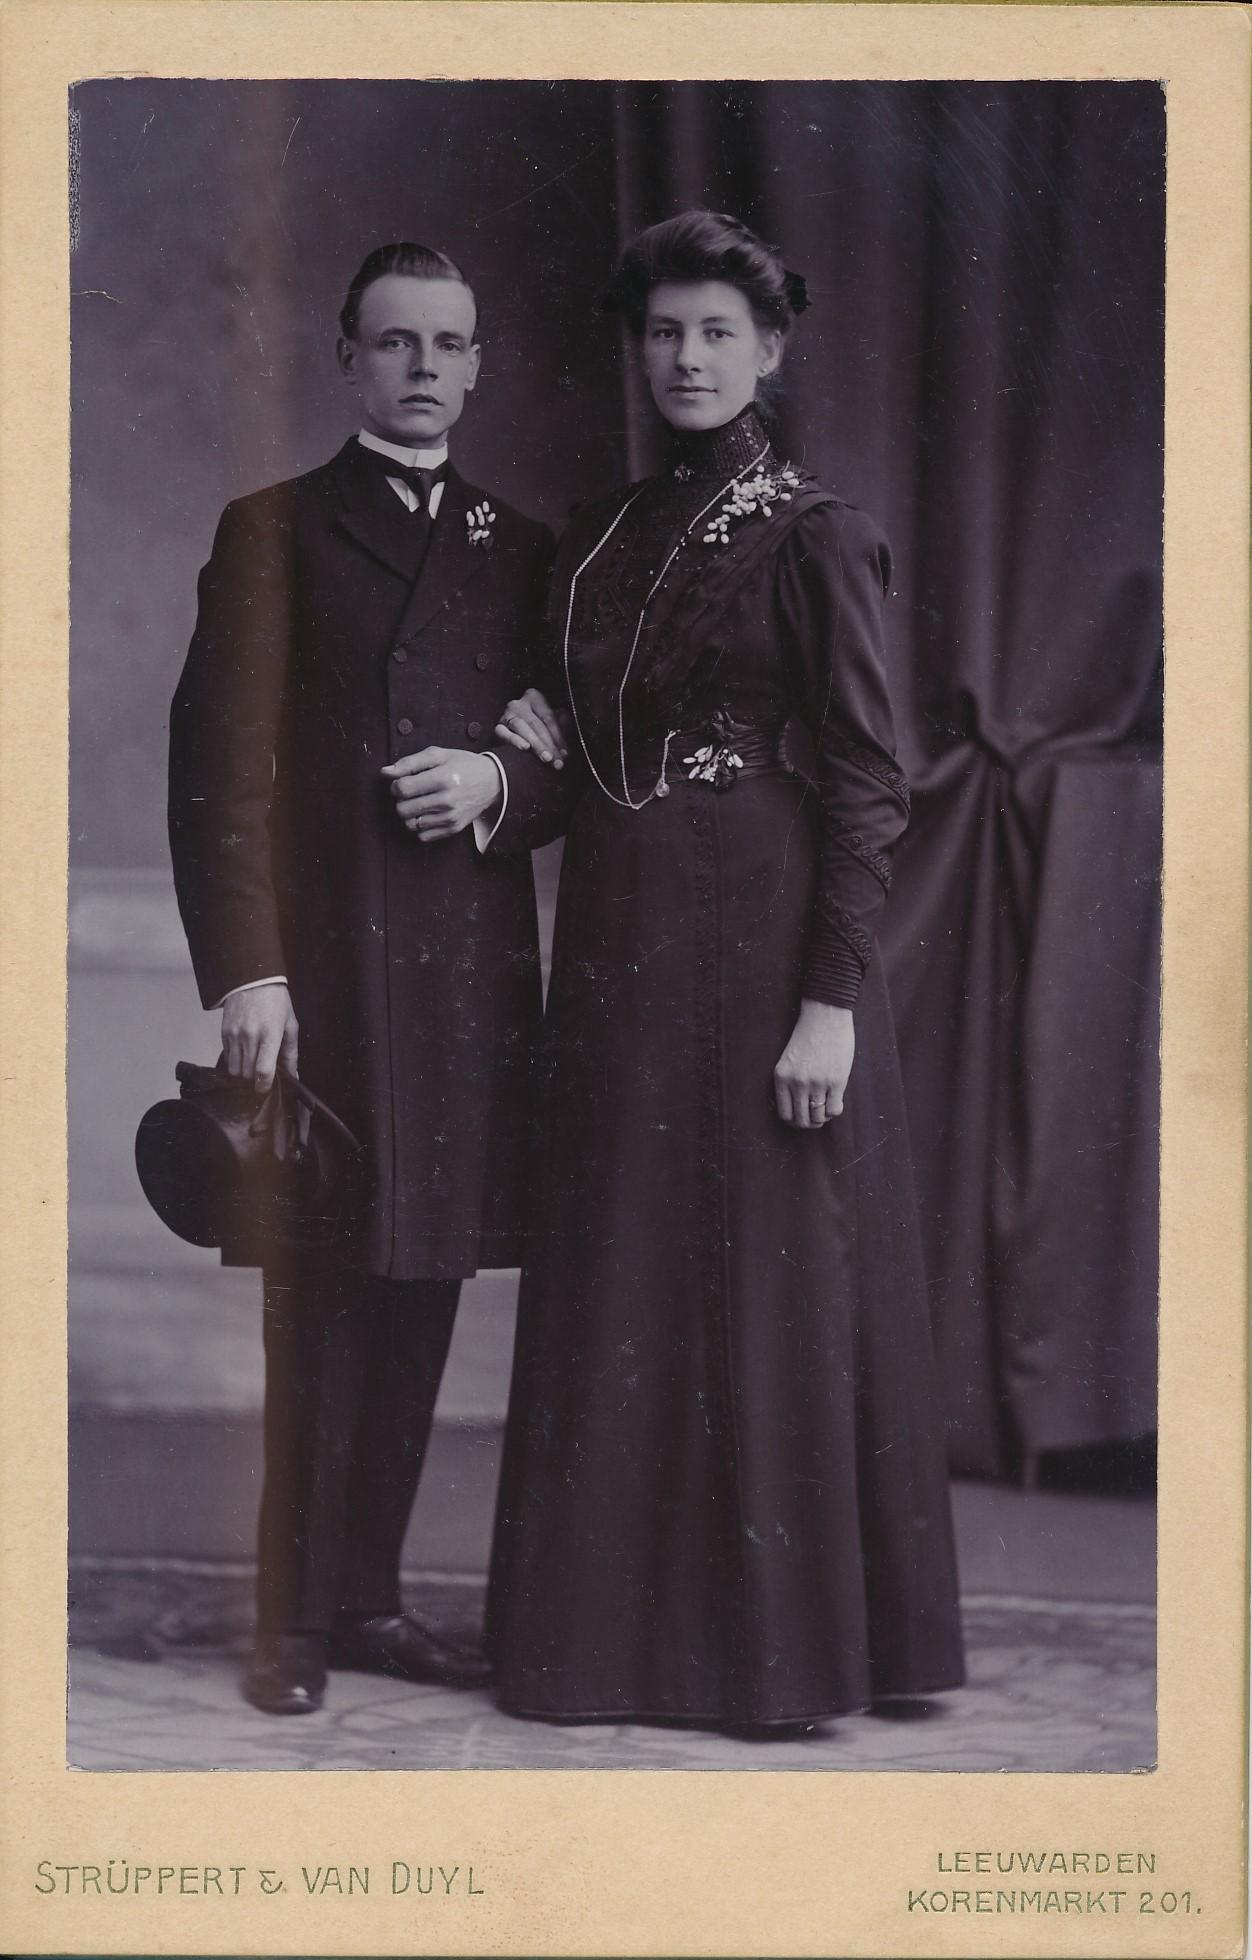 Fotoalbum Andre Kamsma, 117, Jacobus Andries Kamsma (06-09-1883 - 23-09-1950), mei Johanna Maria Visser, 26-11-1910,